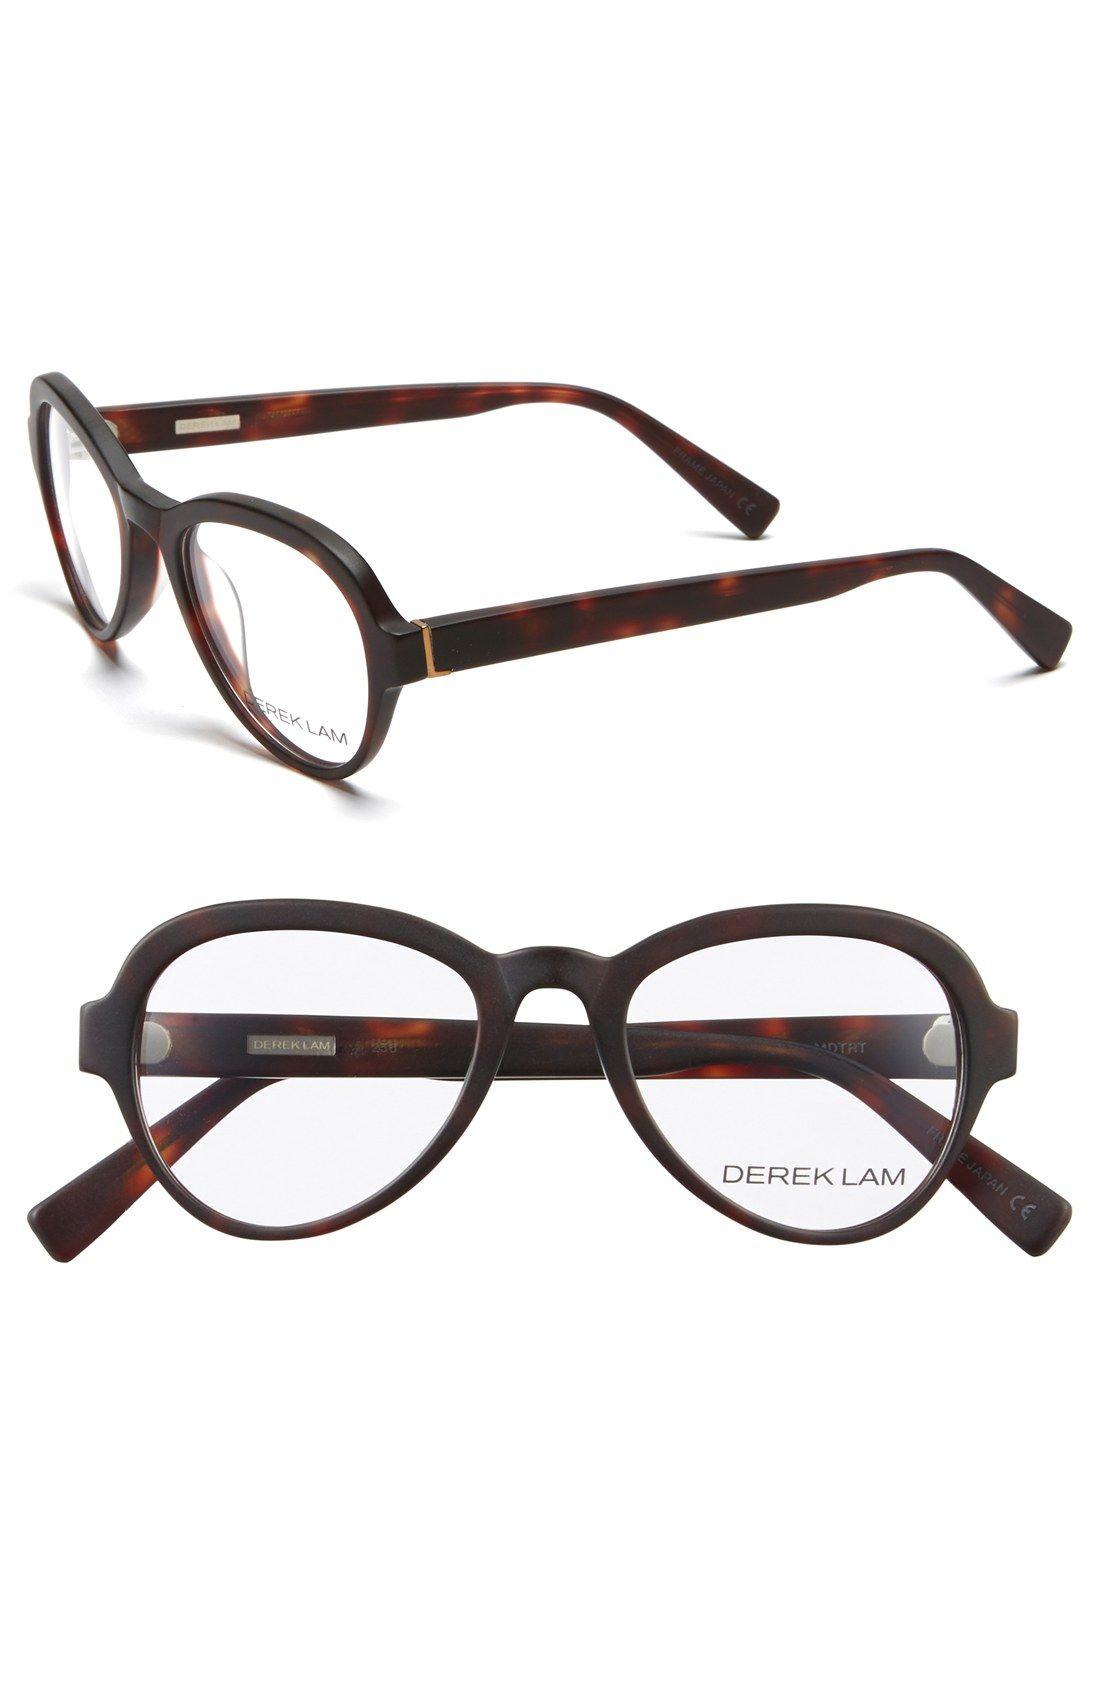 Derek Lam 49mm Optical Glasses | Glasses | Pinterest